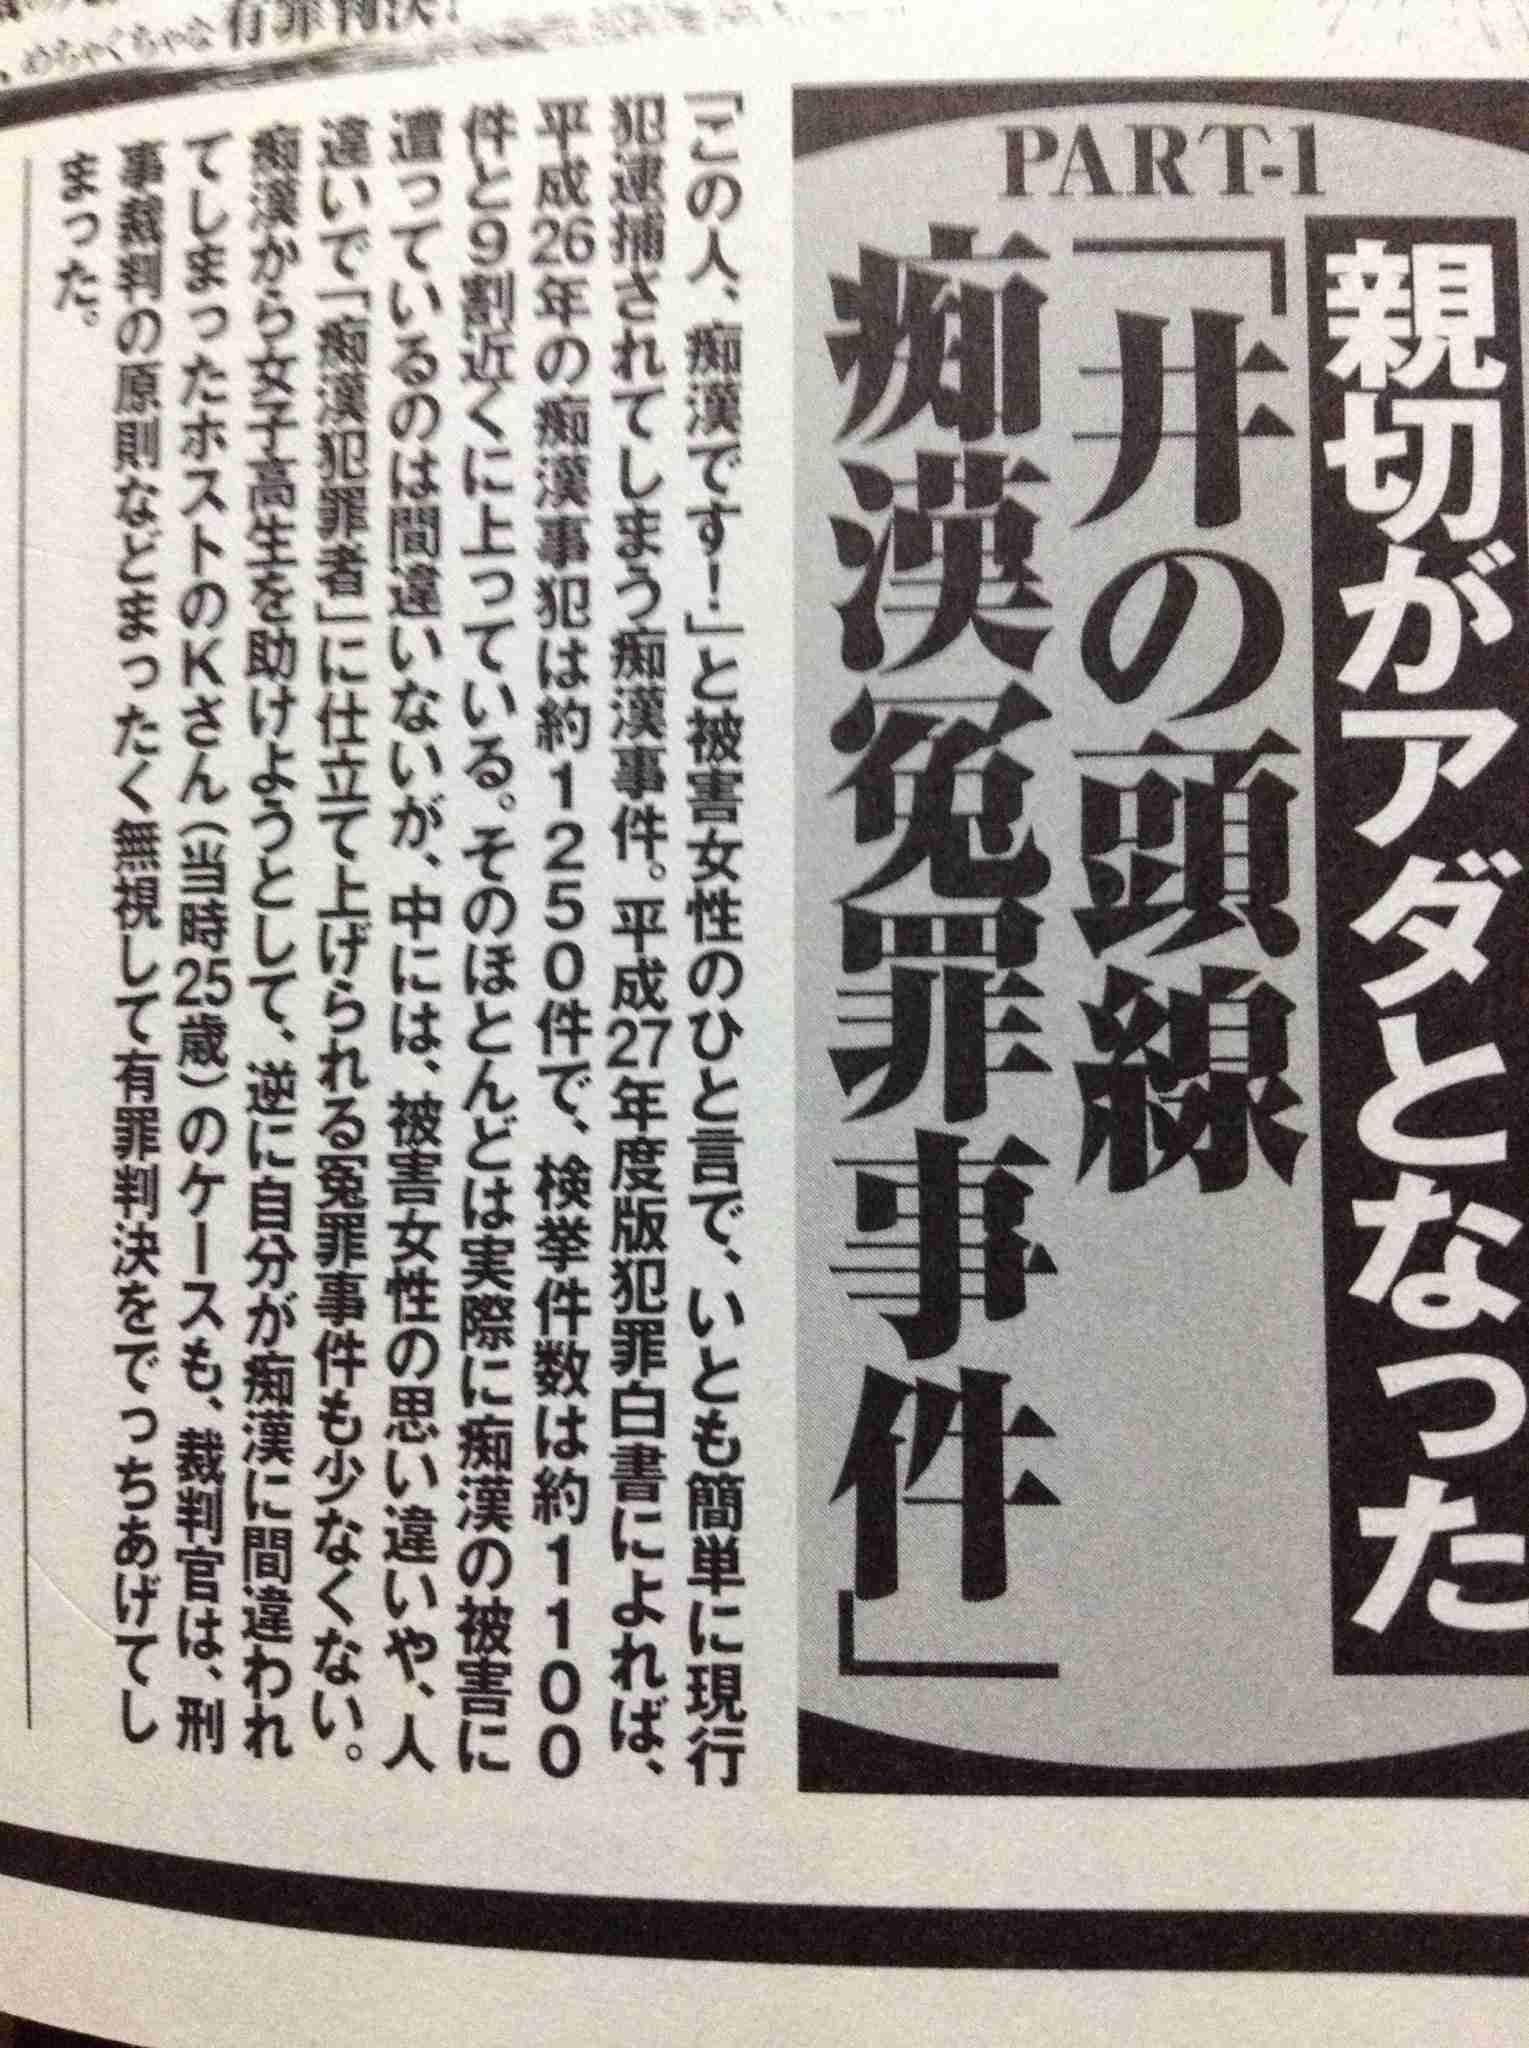 「痴漢疑われ頭真っ白に」 JR新宿駅事務室に侵入容疑